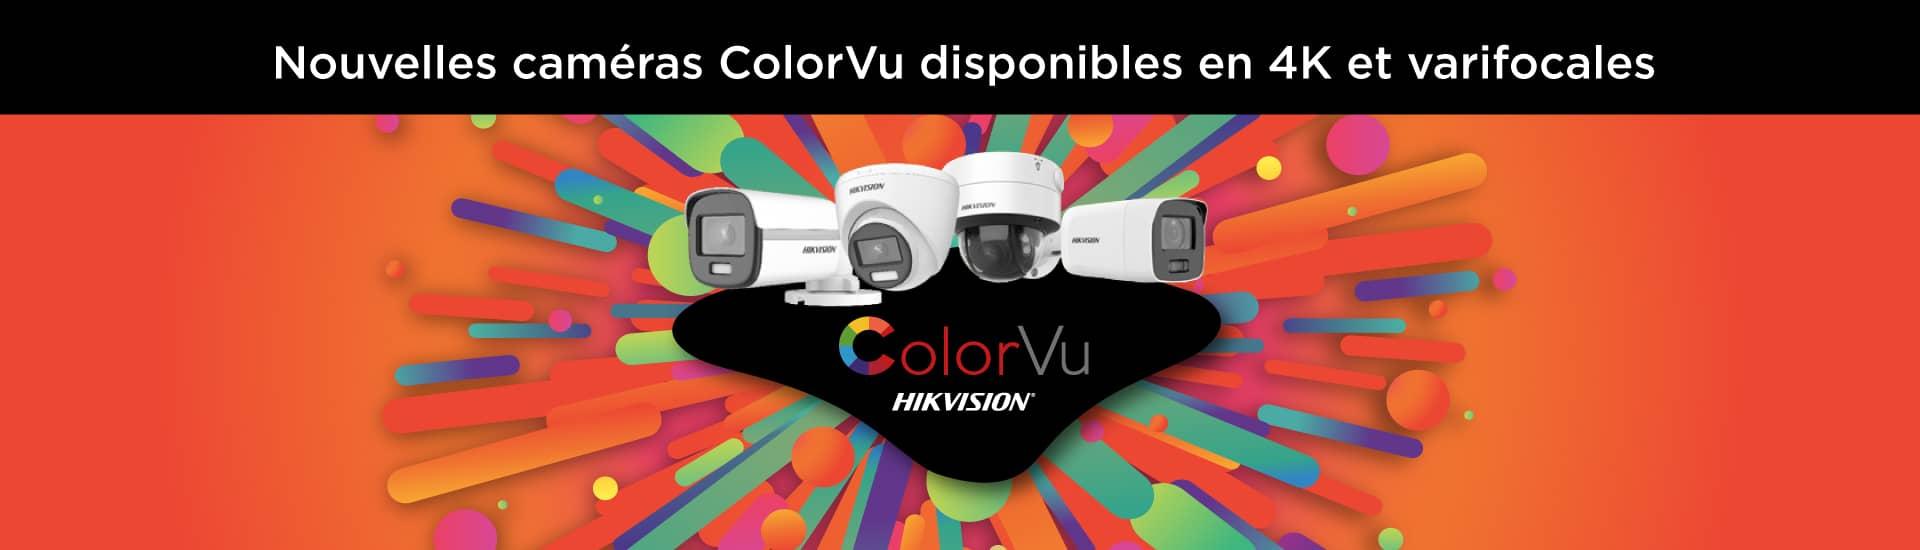 Nouvelles offres ColorVu